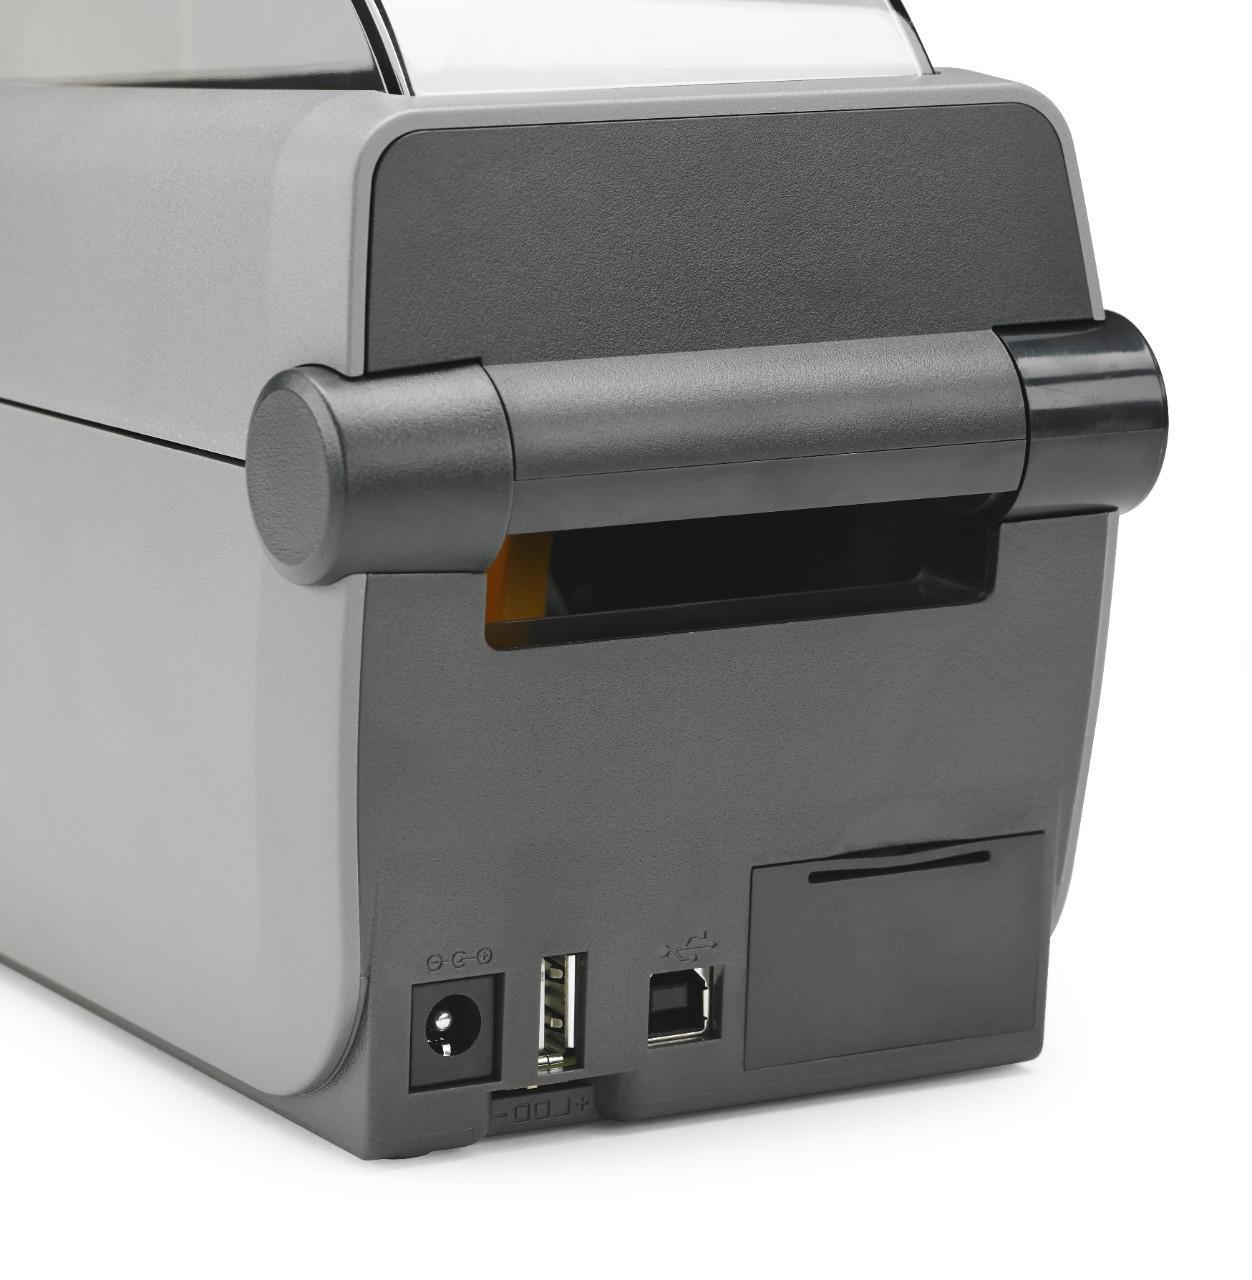 imprimante etiquettes zd410 zebra